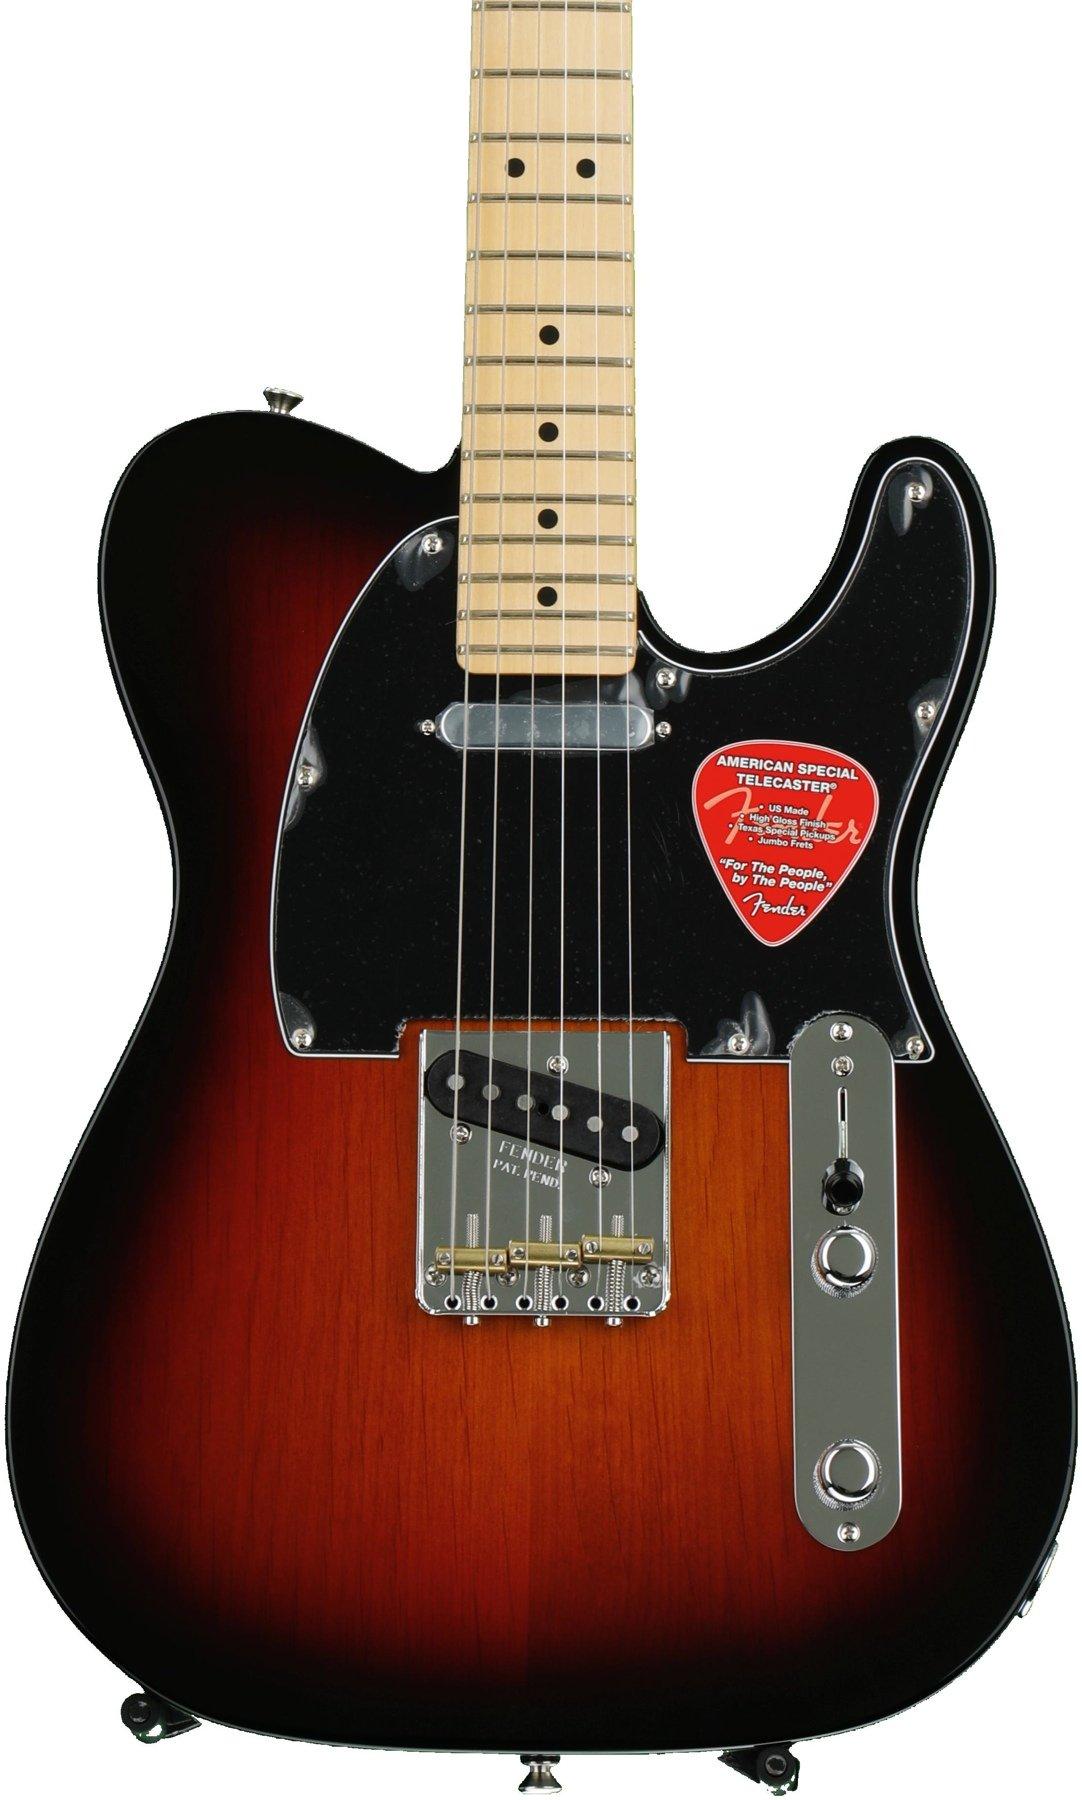 Fender American Special Telecaster - 3-tone Sunburst, Maple ...